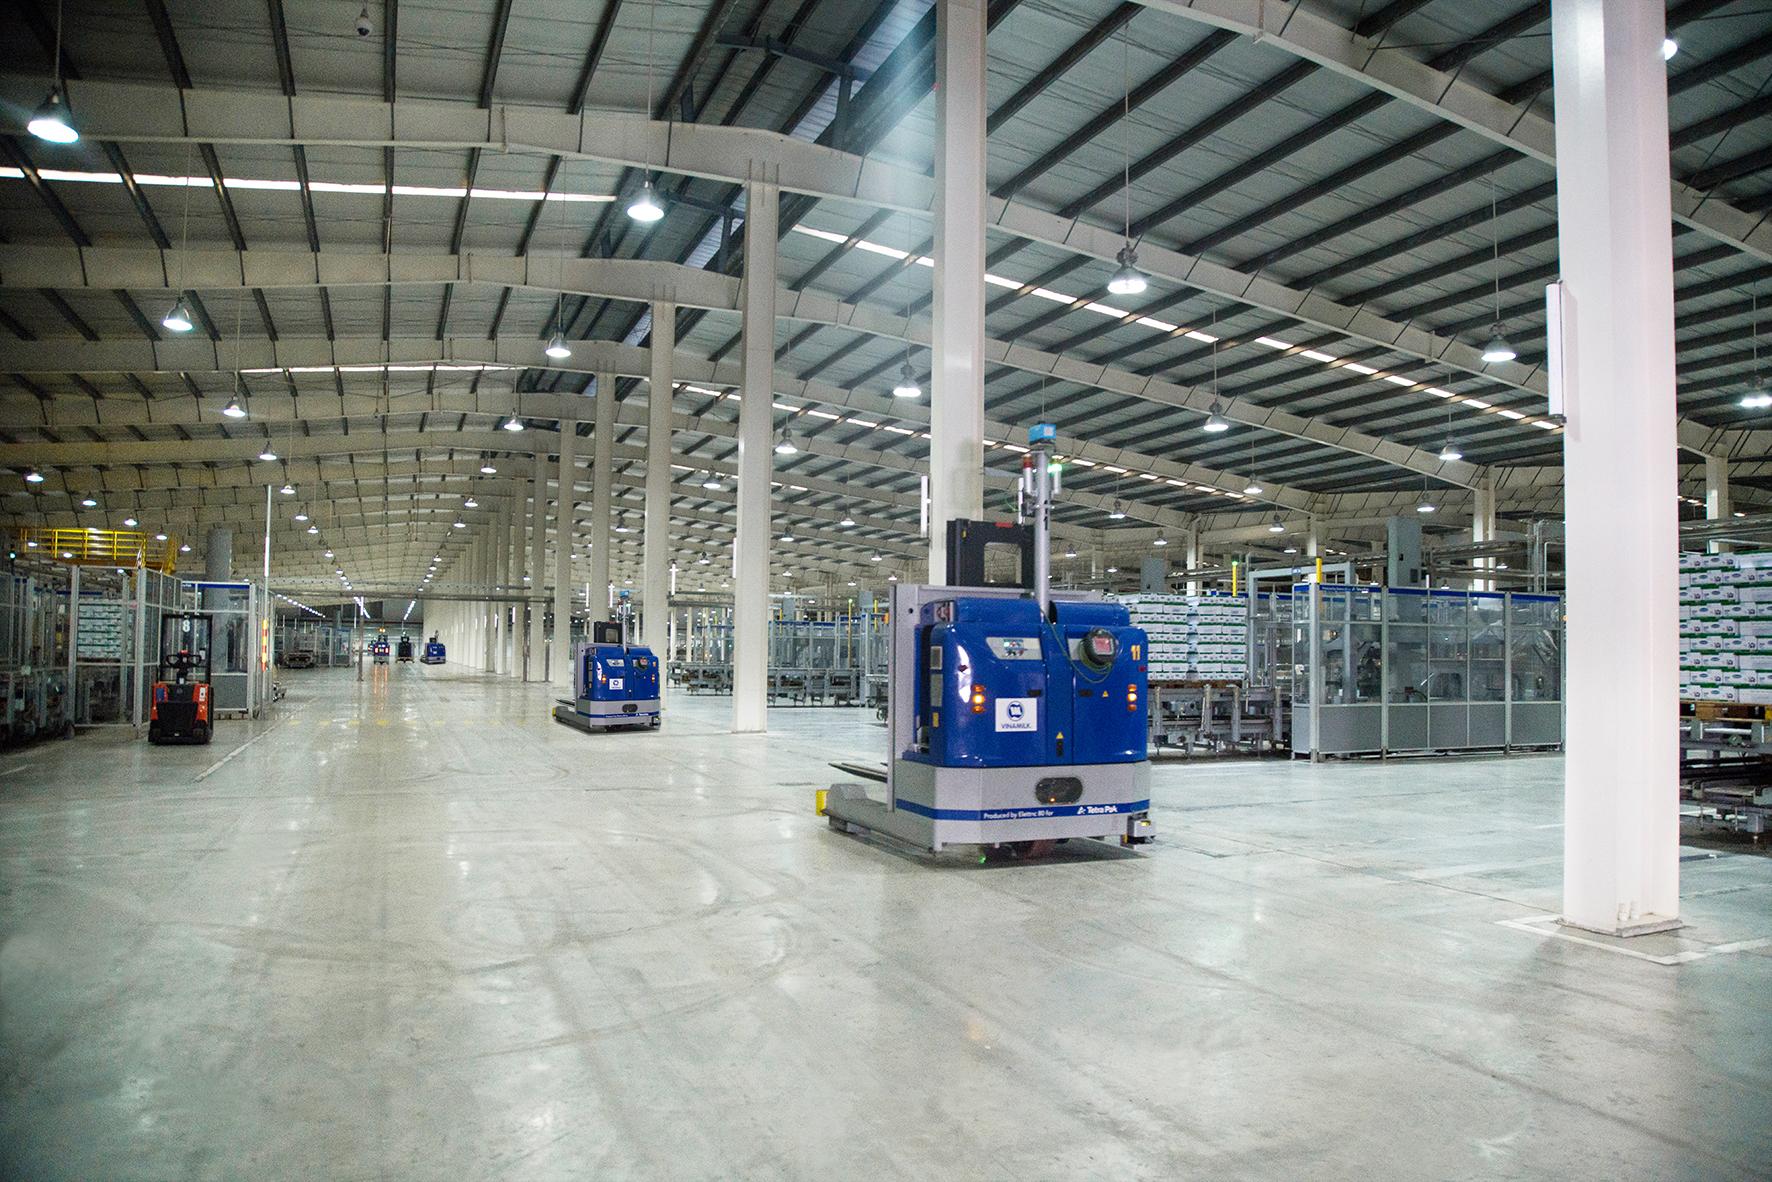 Hệ thống robot LGV trong nhà máy được vận hành tự động và đồng bộ, giúp tối ưu hóa năng suất và kiểm soát chất lượng sản phẩm nghiêm ngặt.